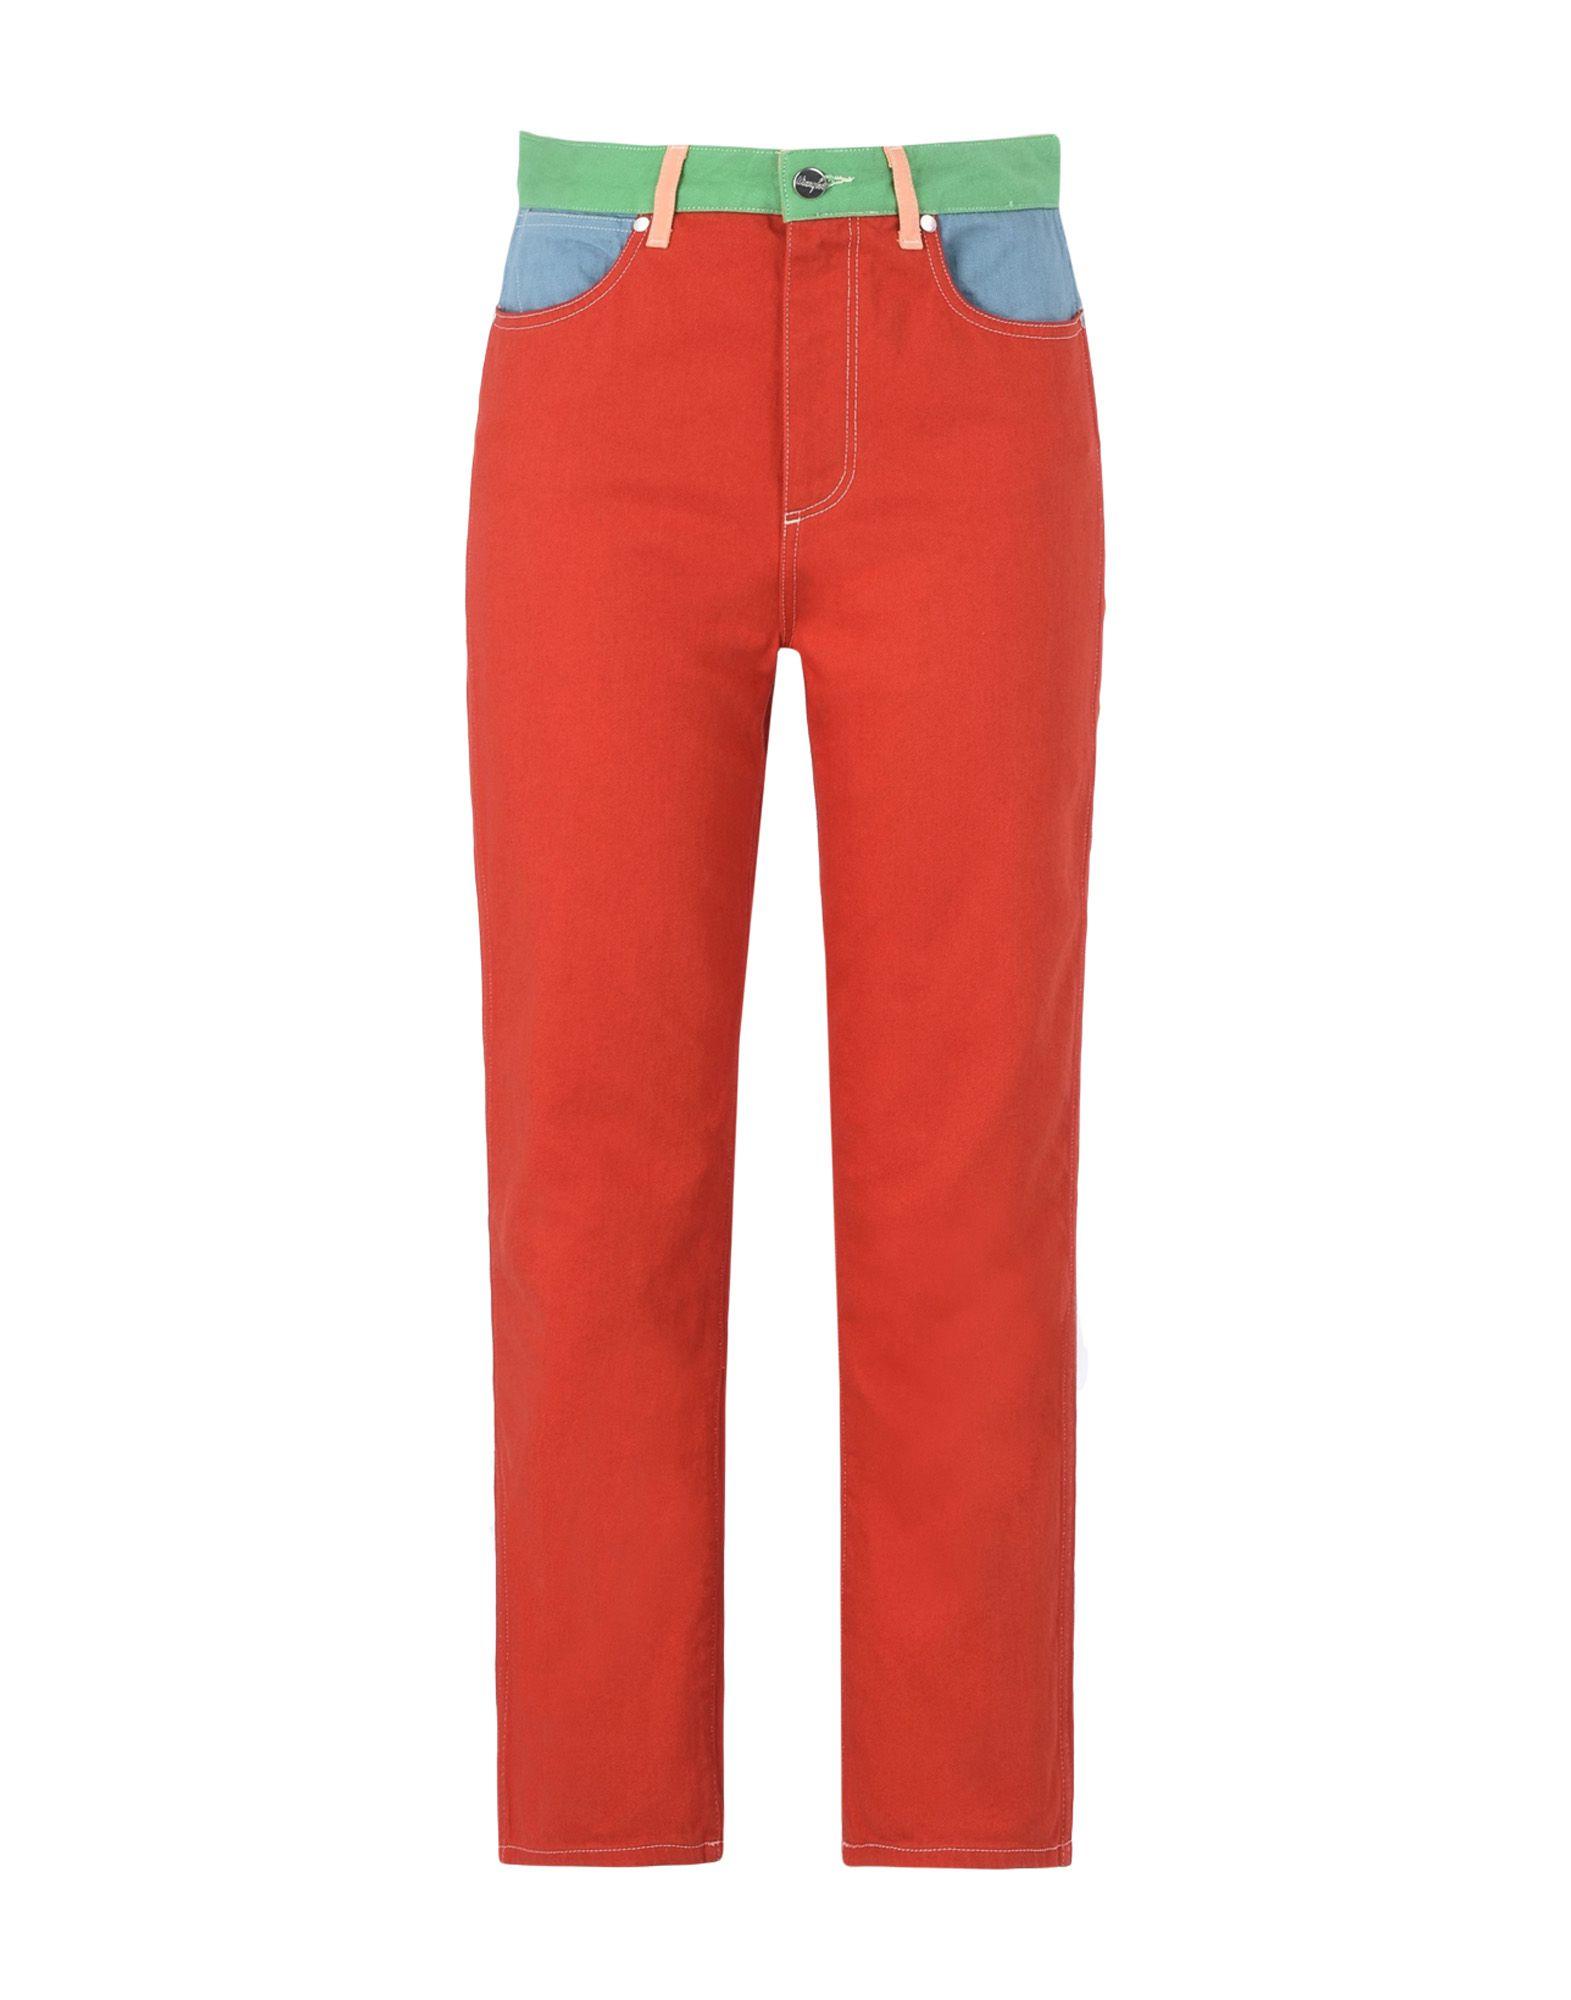 WRANGLER by PETER MAX Джинсовые брюки сувенир ohmypeter значок деревянный цветной peter hi в блистере omp40081